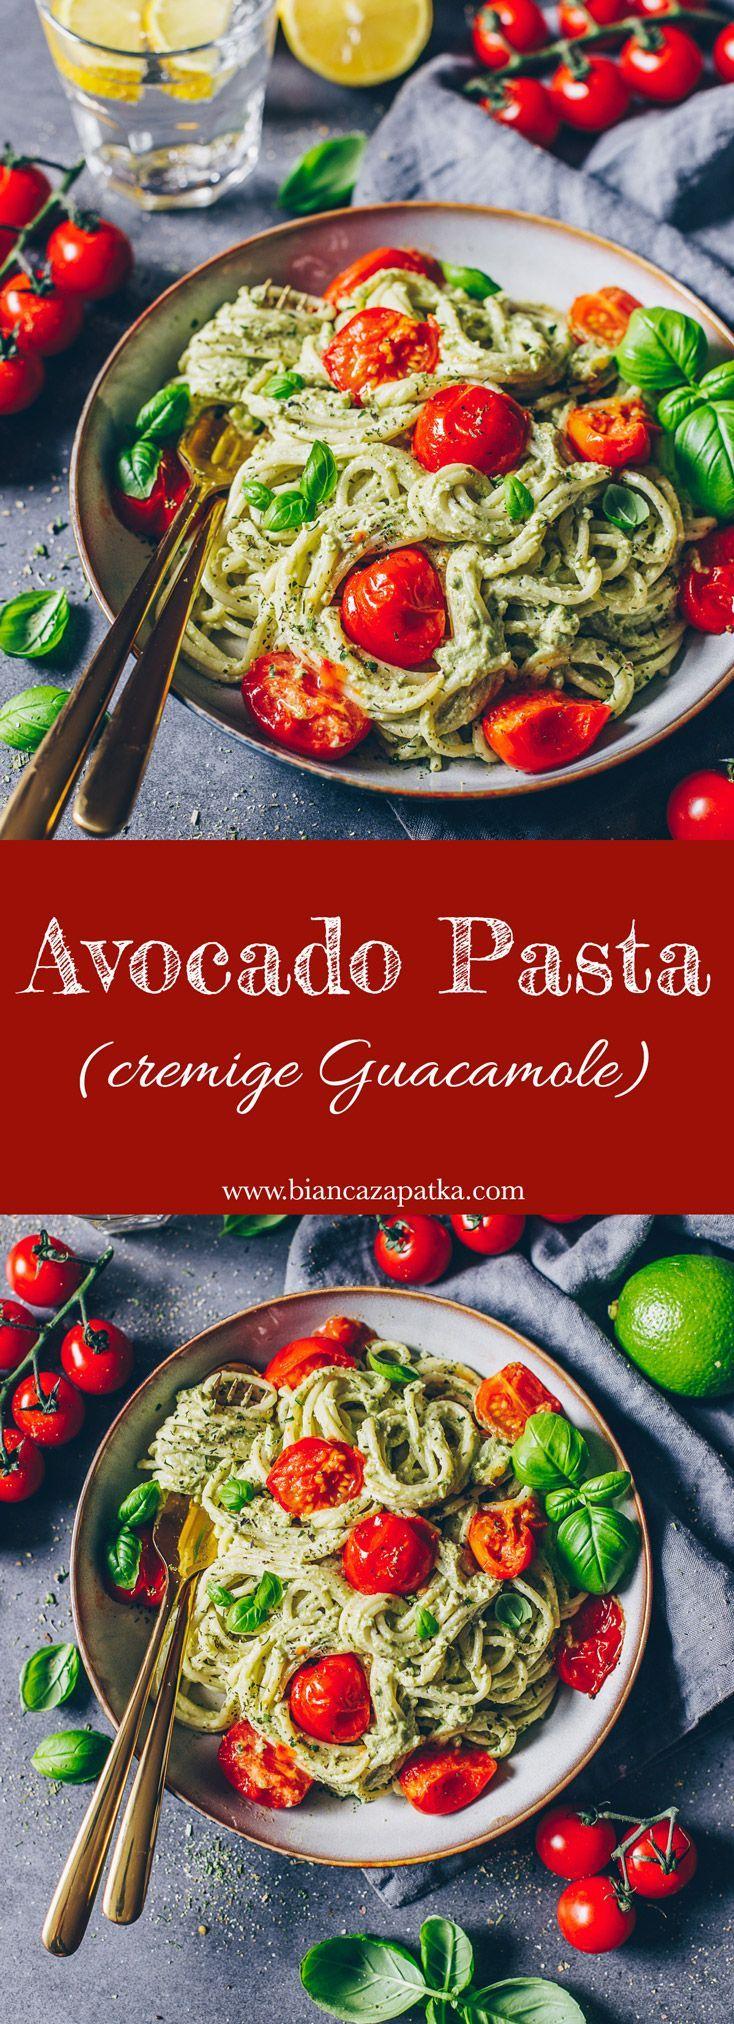 Cremige Avocado Pasta (Guacamole)